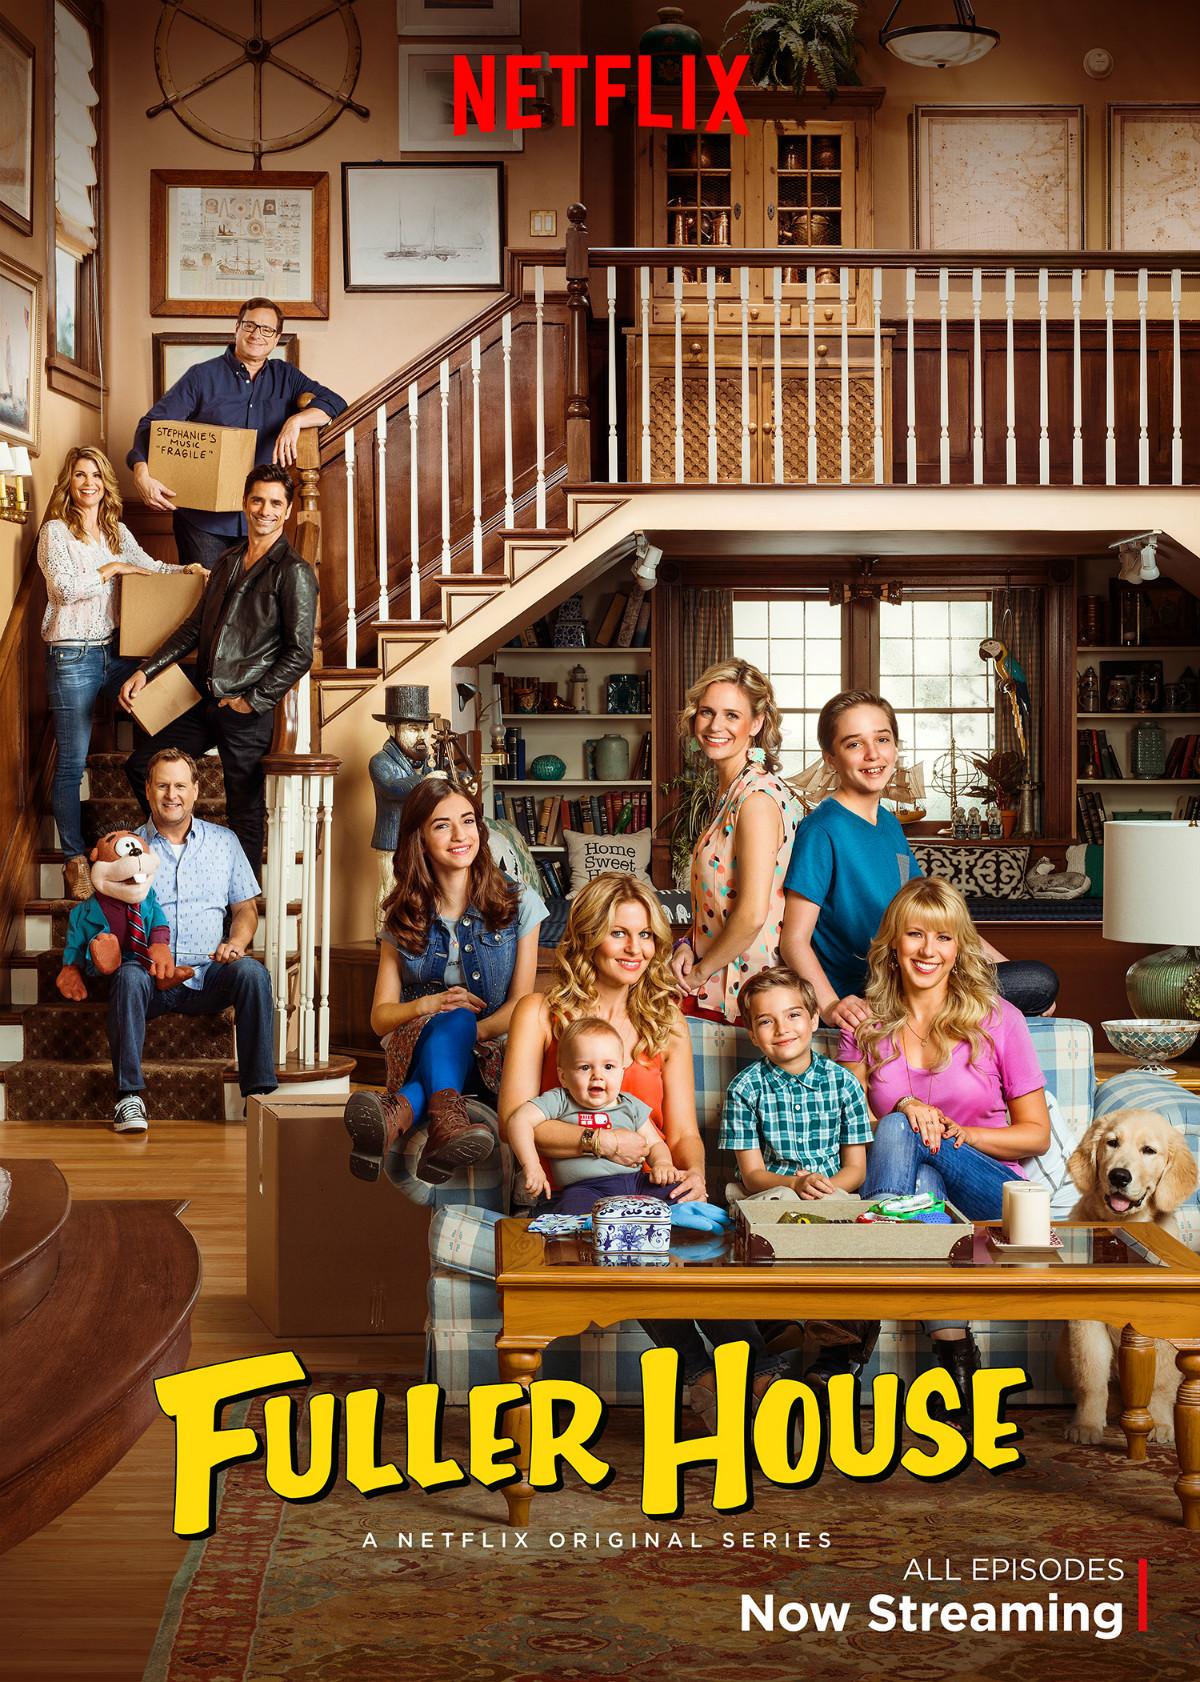 La Fête à la maison : 20 ans après S03 E01 à E09